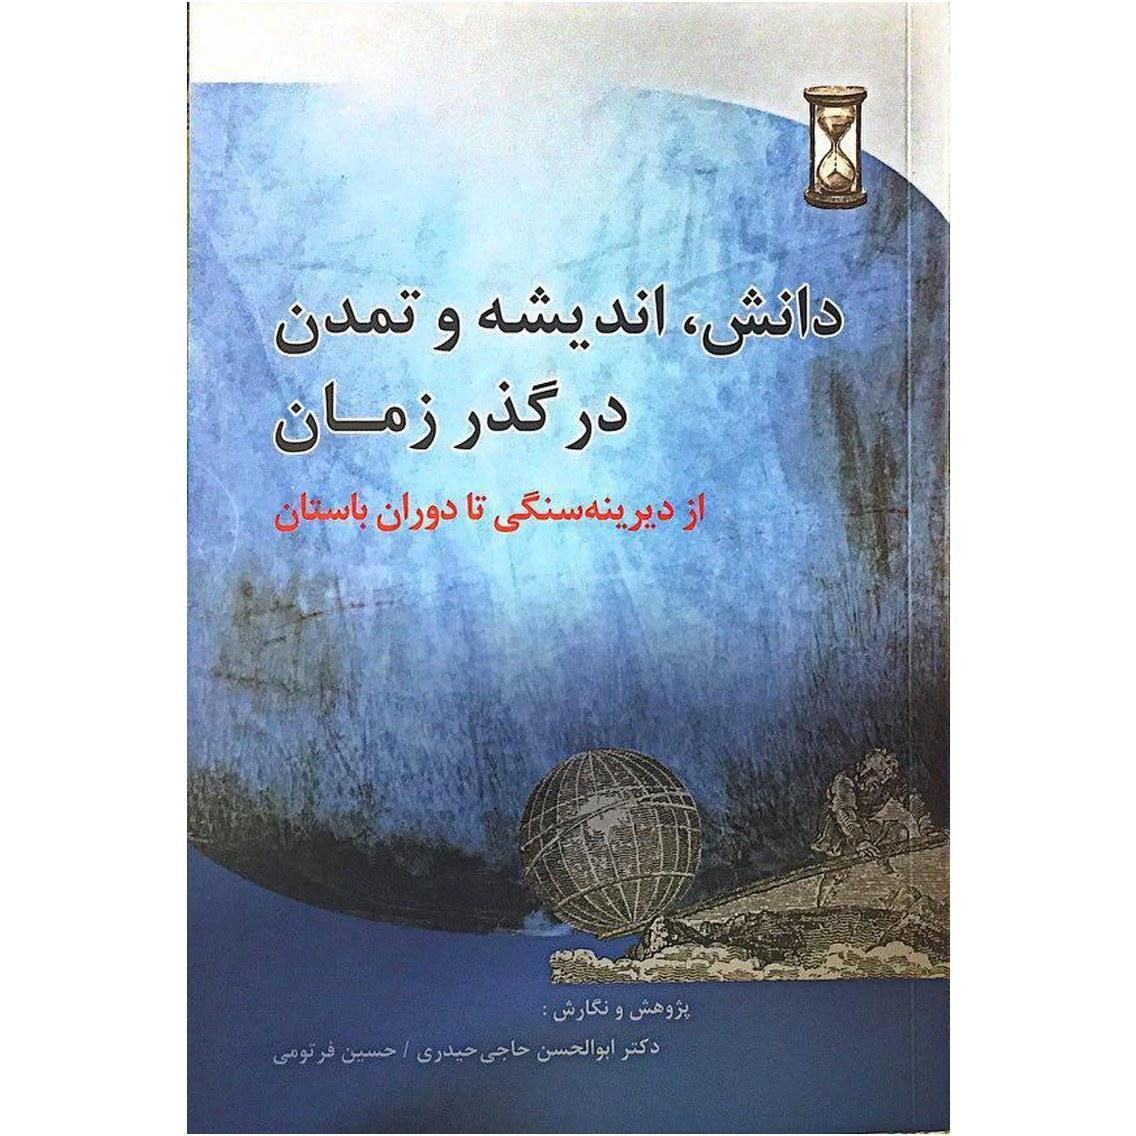 کتاب دانش، اندیشه و تمدن در گذر زمان از دیرین سنگی تا دوران باستان اثر ابوالحسن حاجیحیدری،حسین فرتومی